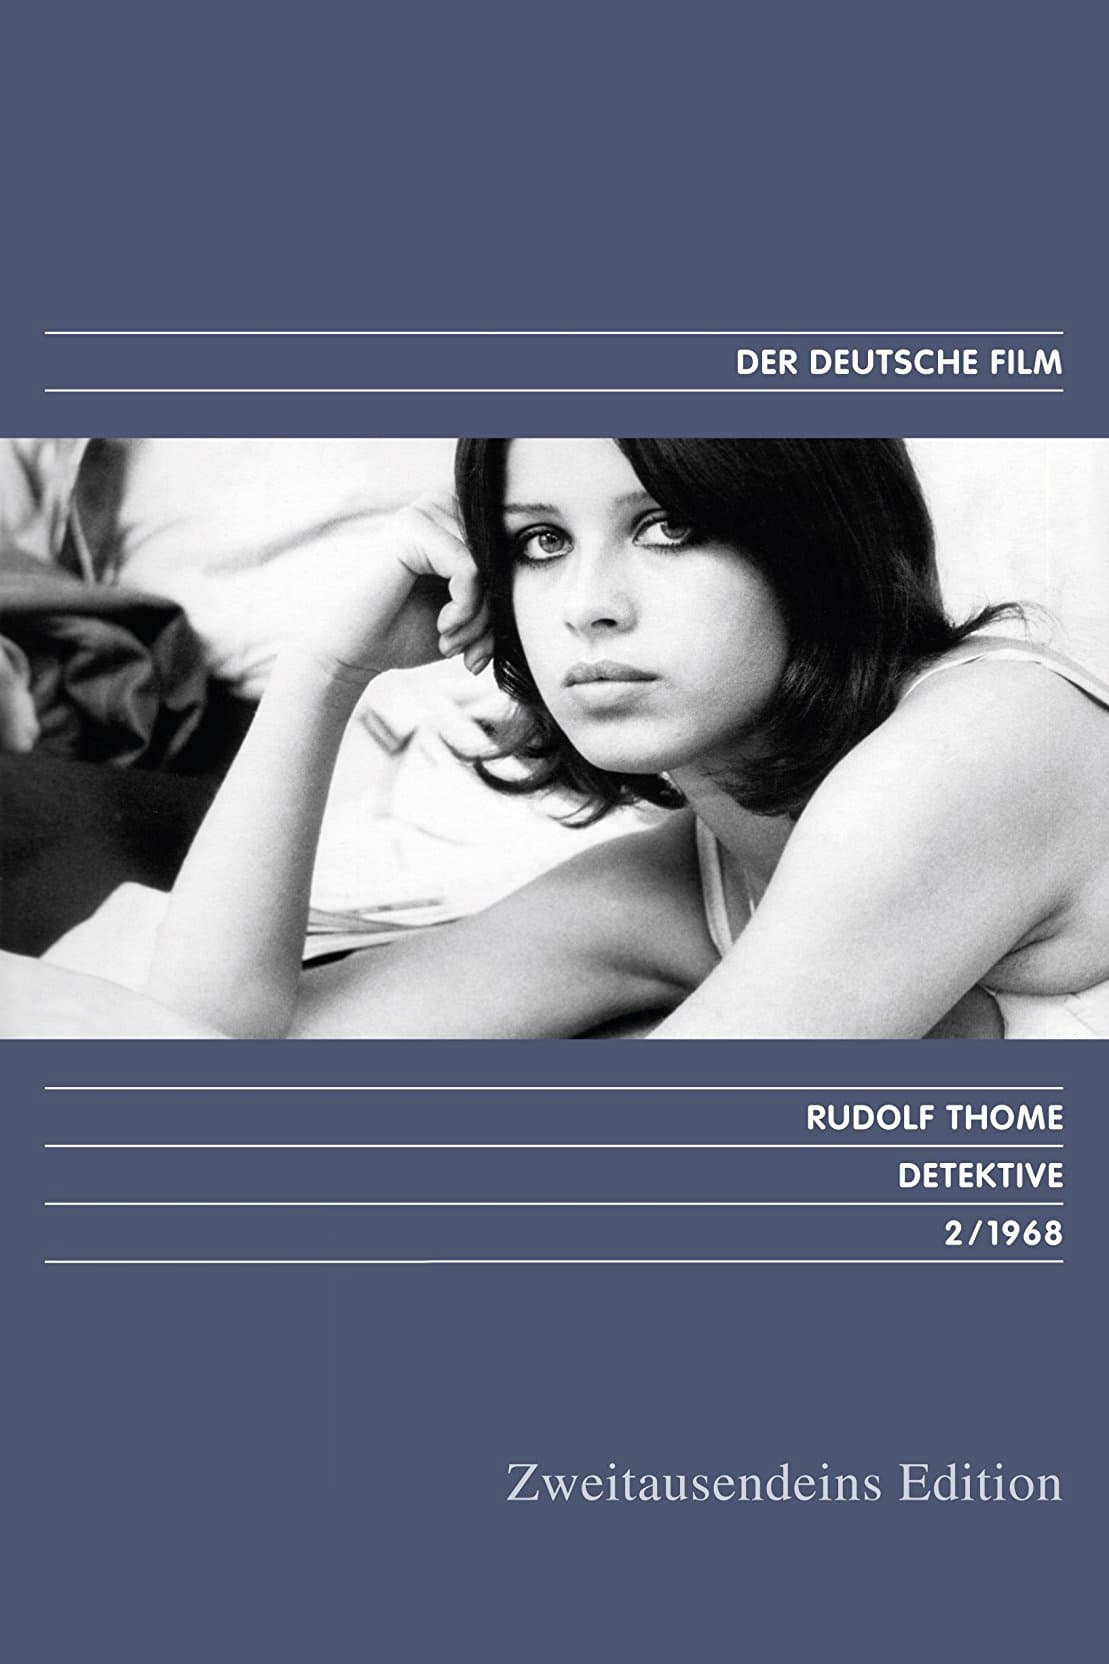 Detective (1969)